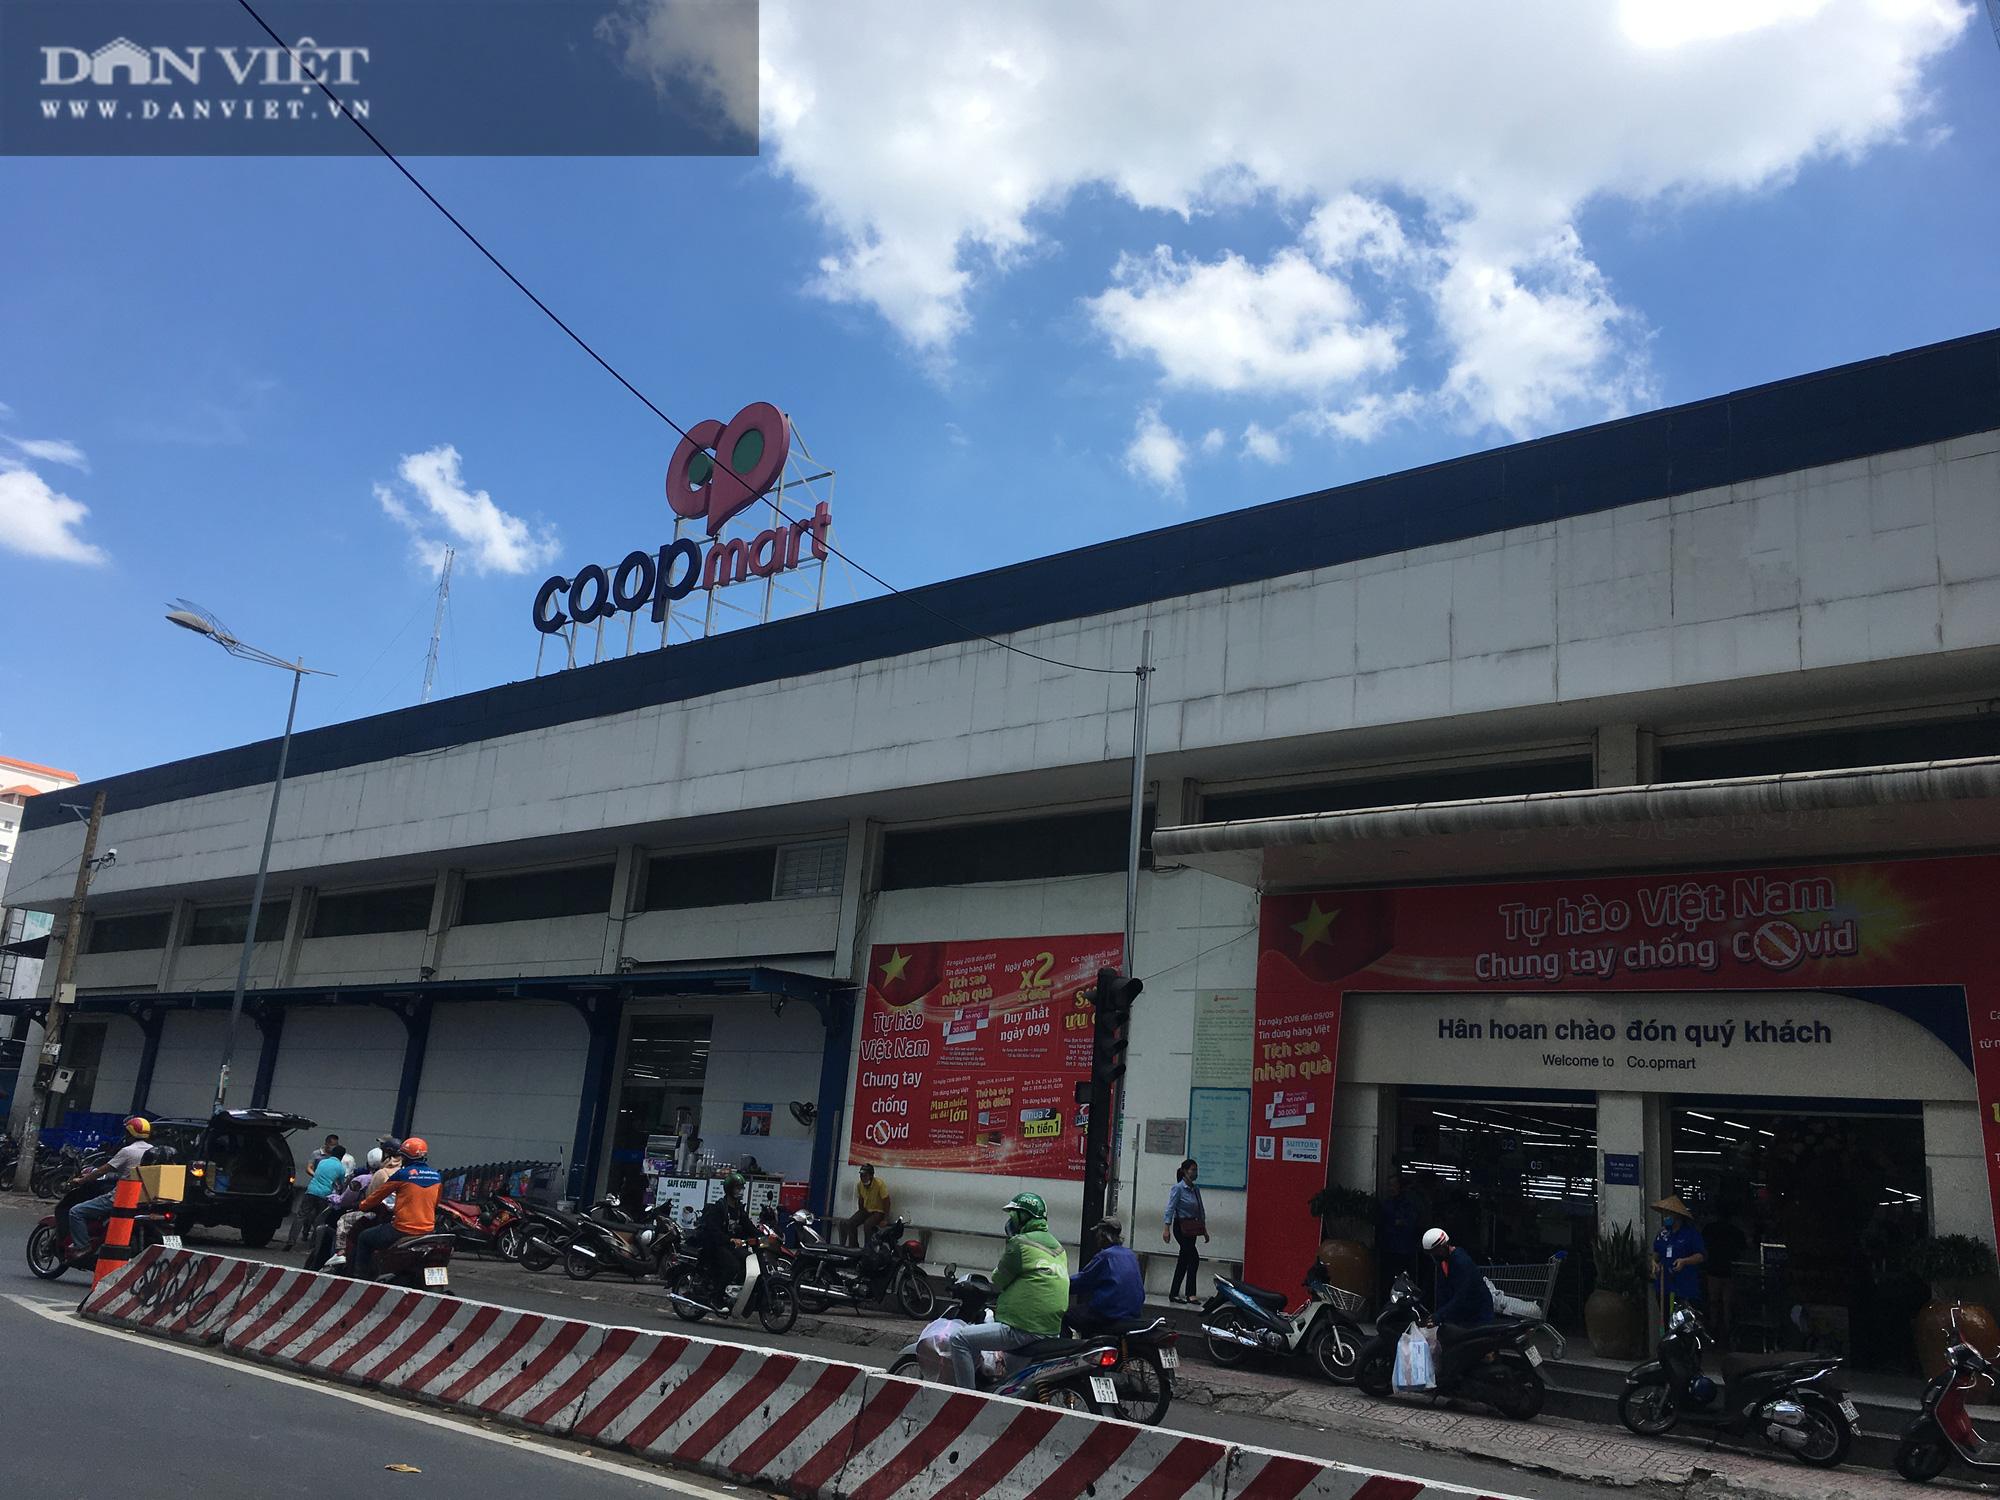 Co.op Mart Cống Quỳnh phải đóng cửa: UBND TP.HCM đề nghị Bộ Tư lệnh Bộ đội biên phòng hỗ trợ - Ảnh 1.